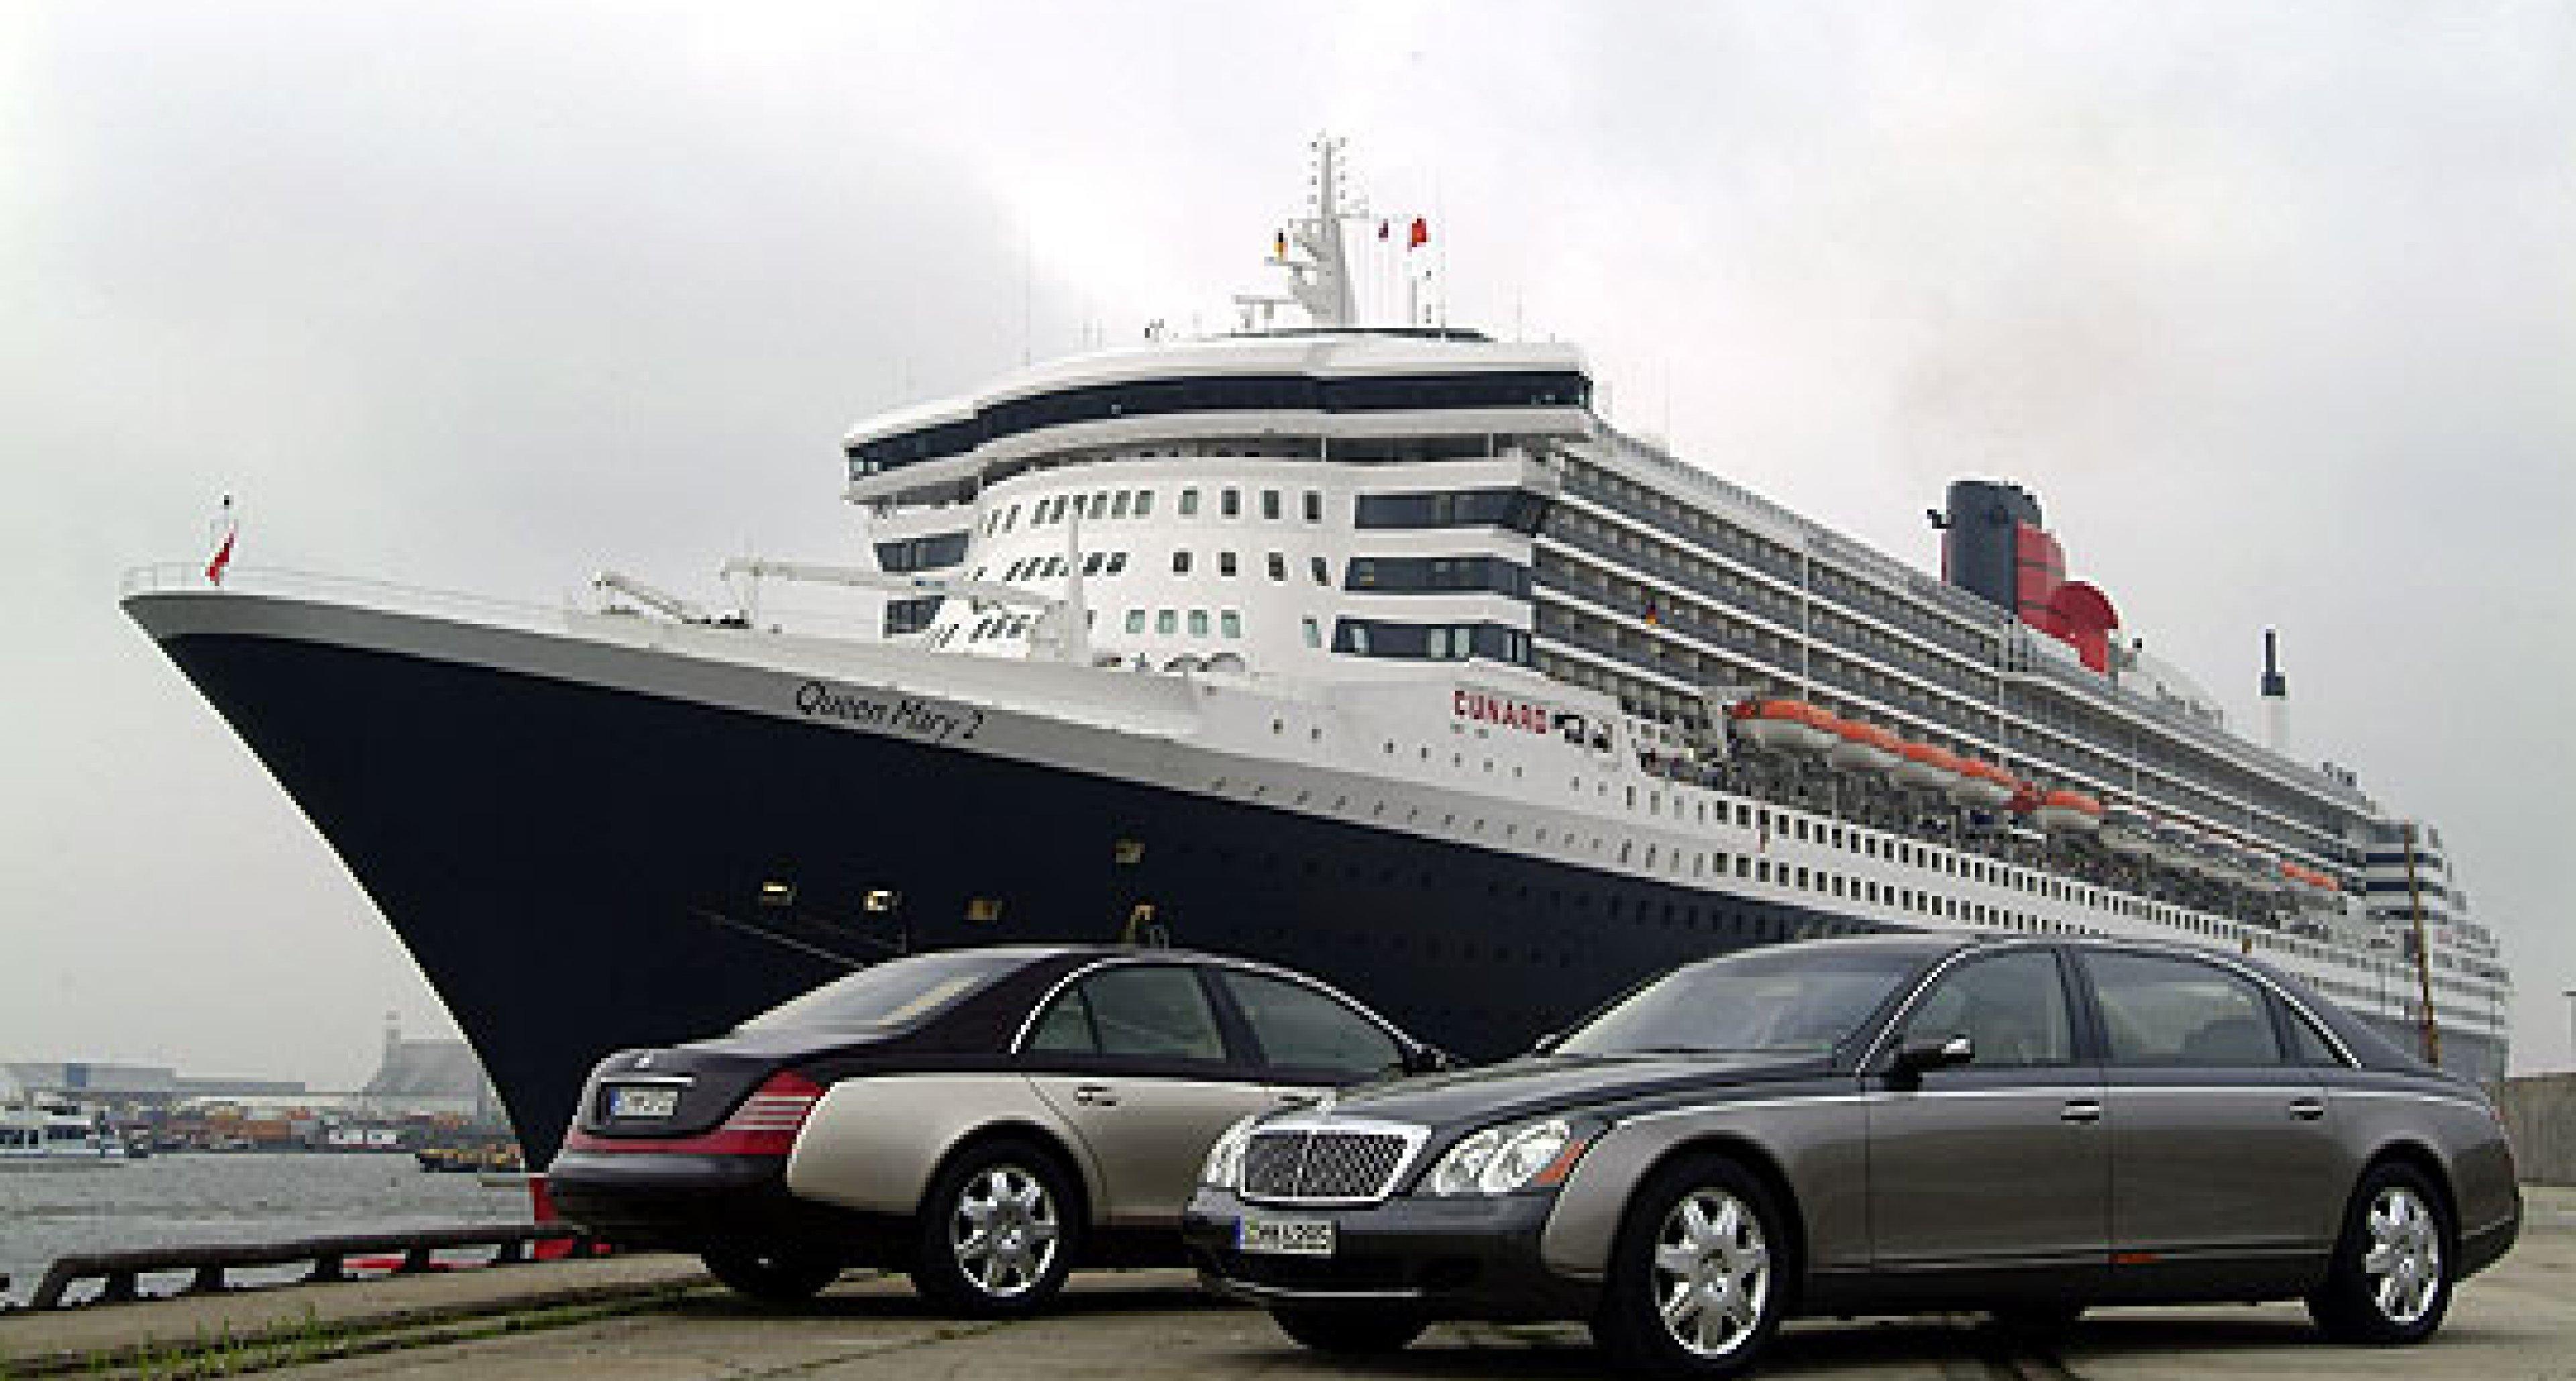 Maybach unterstützt Deutschlandbesuch der Queen Mary 2